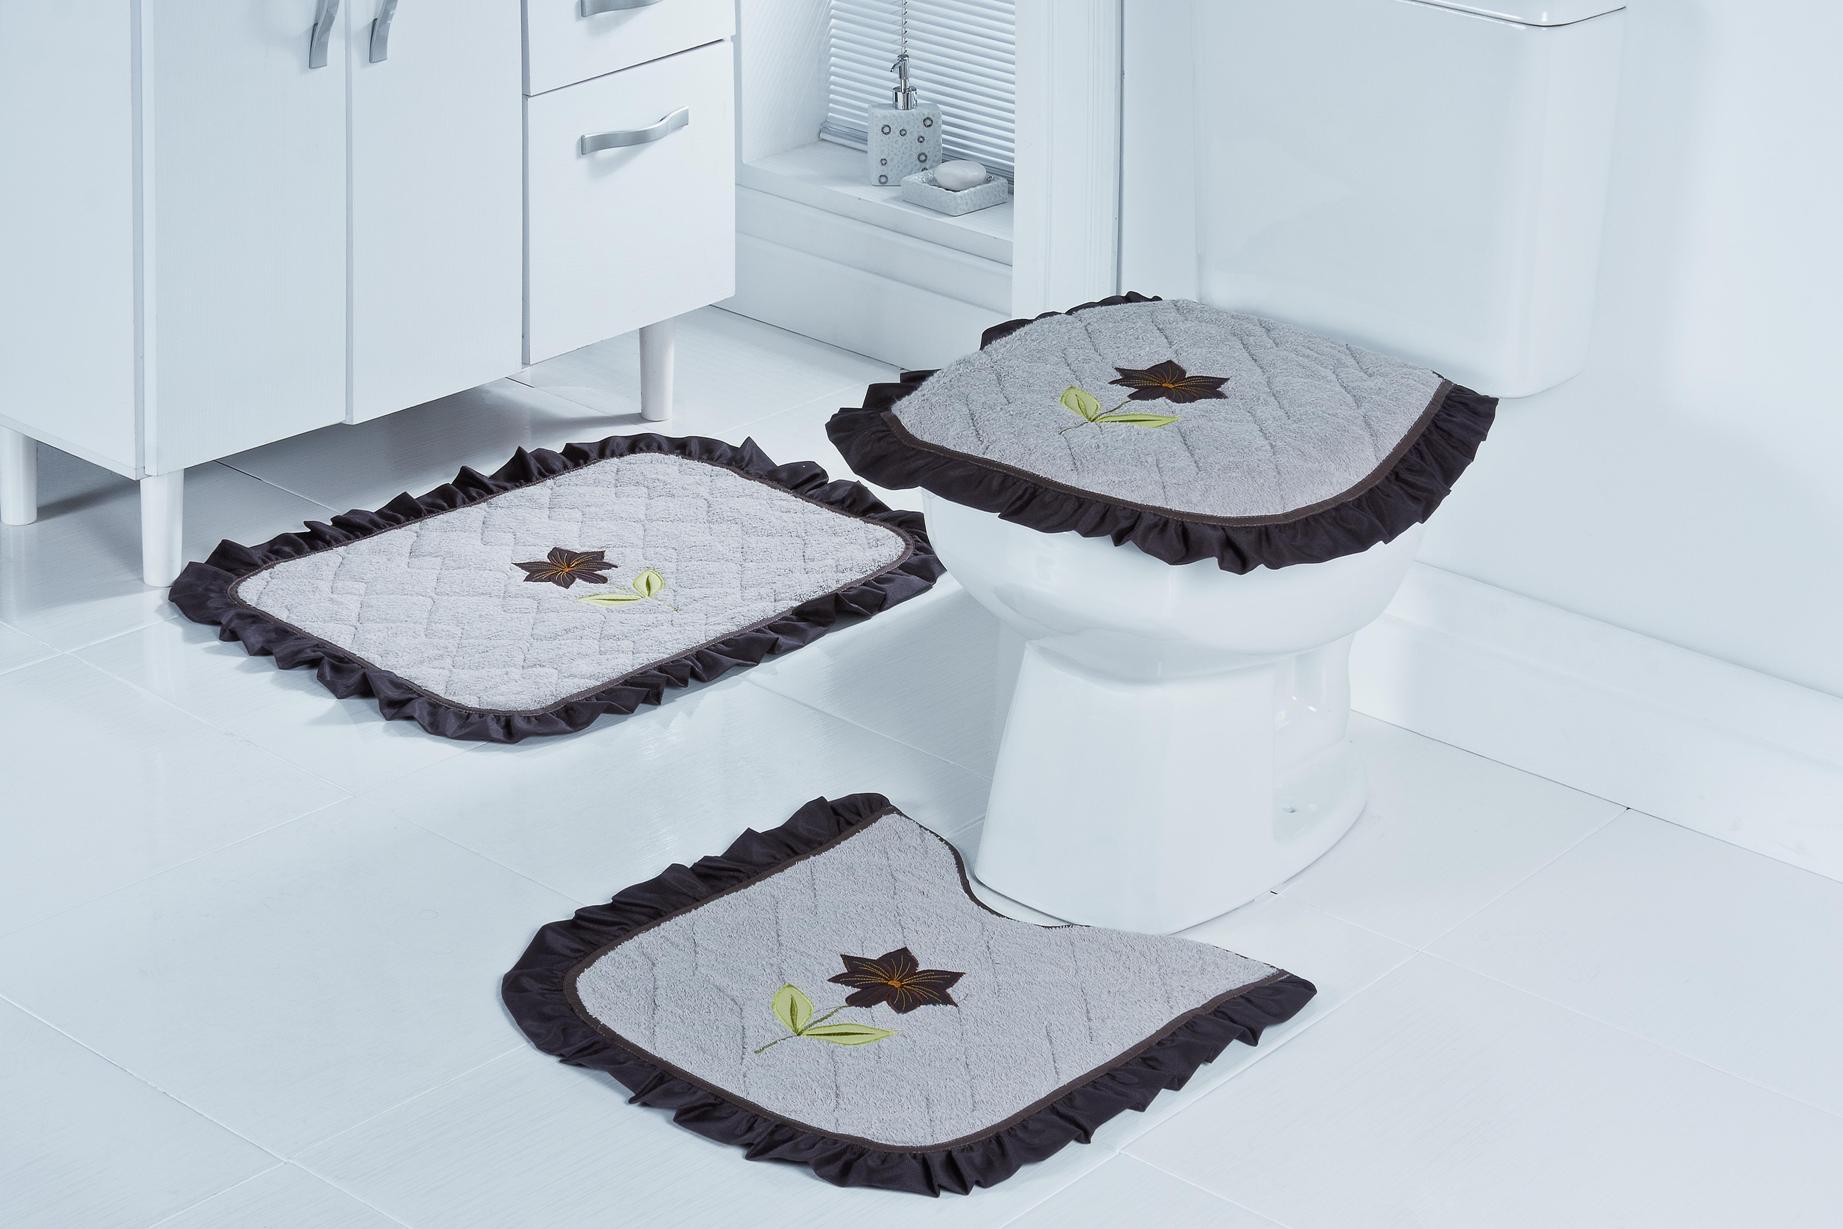 Tapete Para Banheiro 2 Aprenda Definitivamente A Escolher Seu Tapete  #737D4E 1843 1229